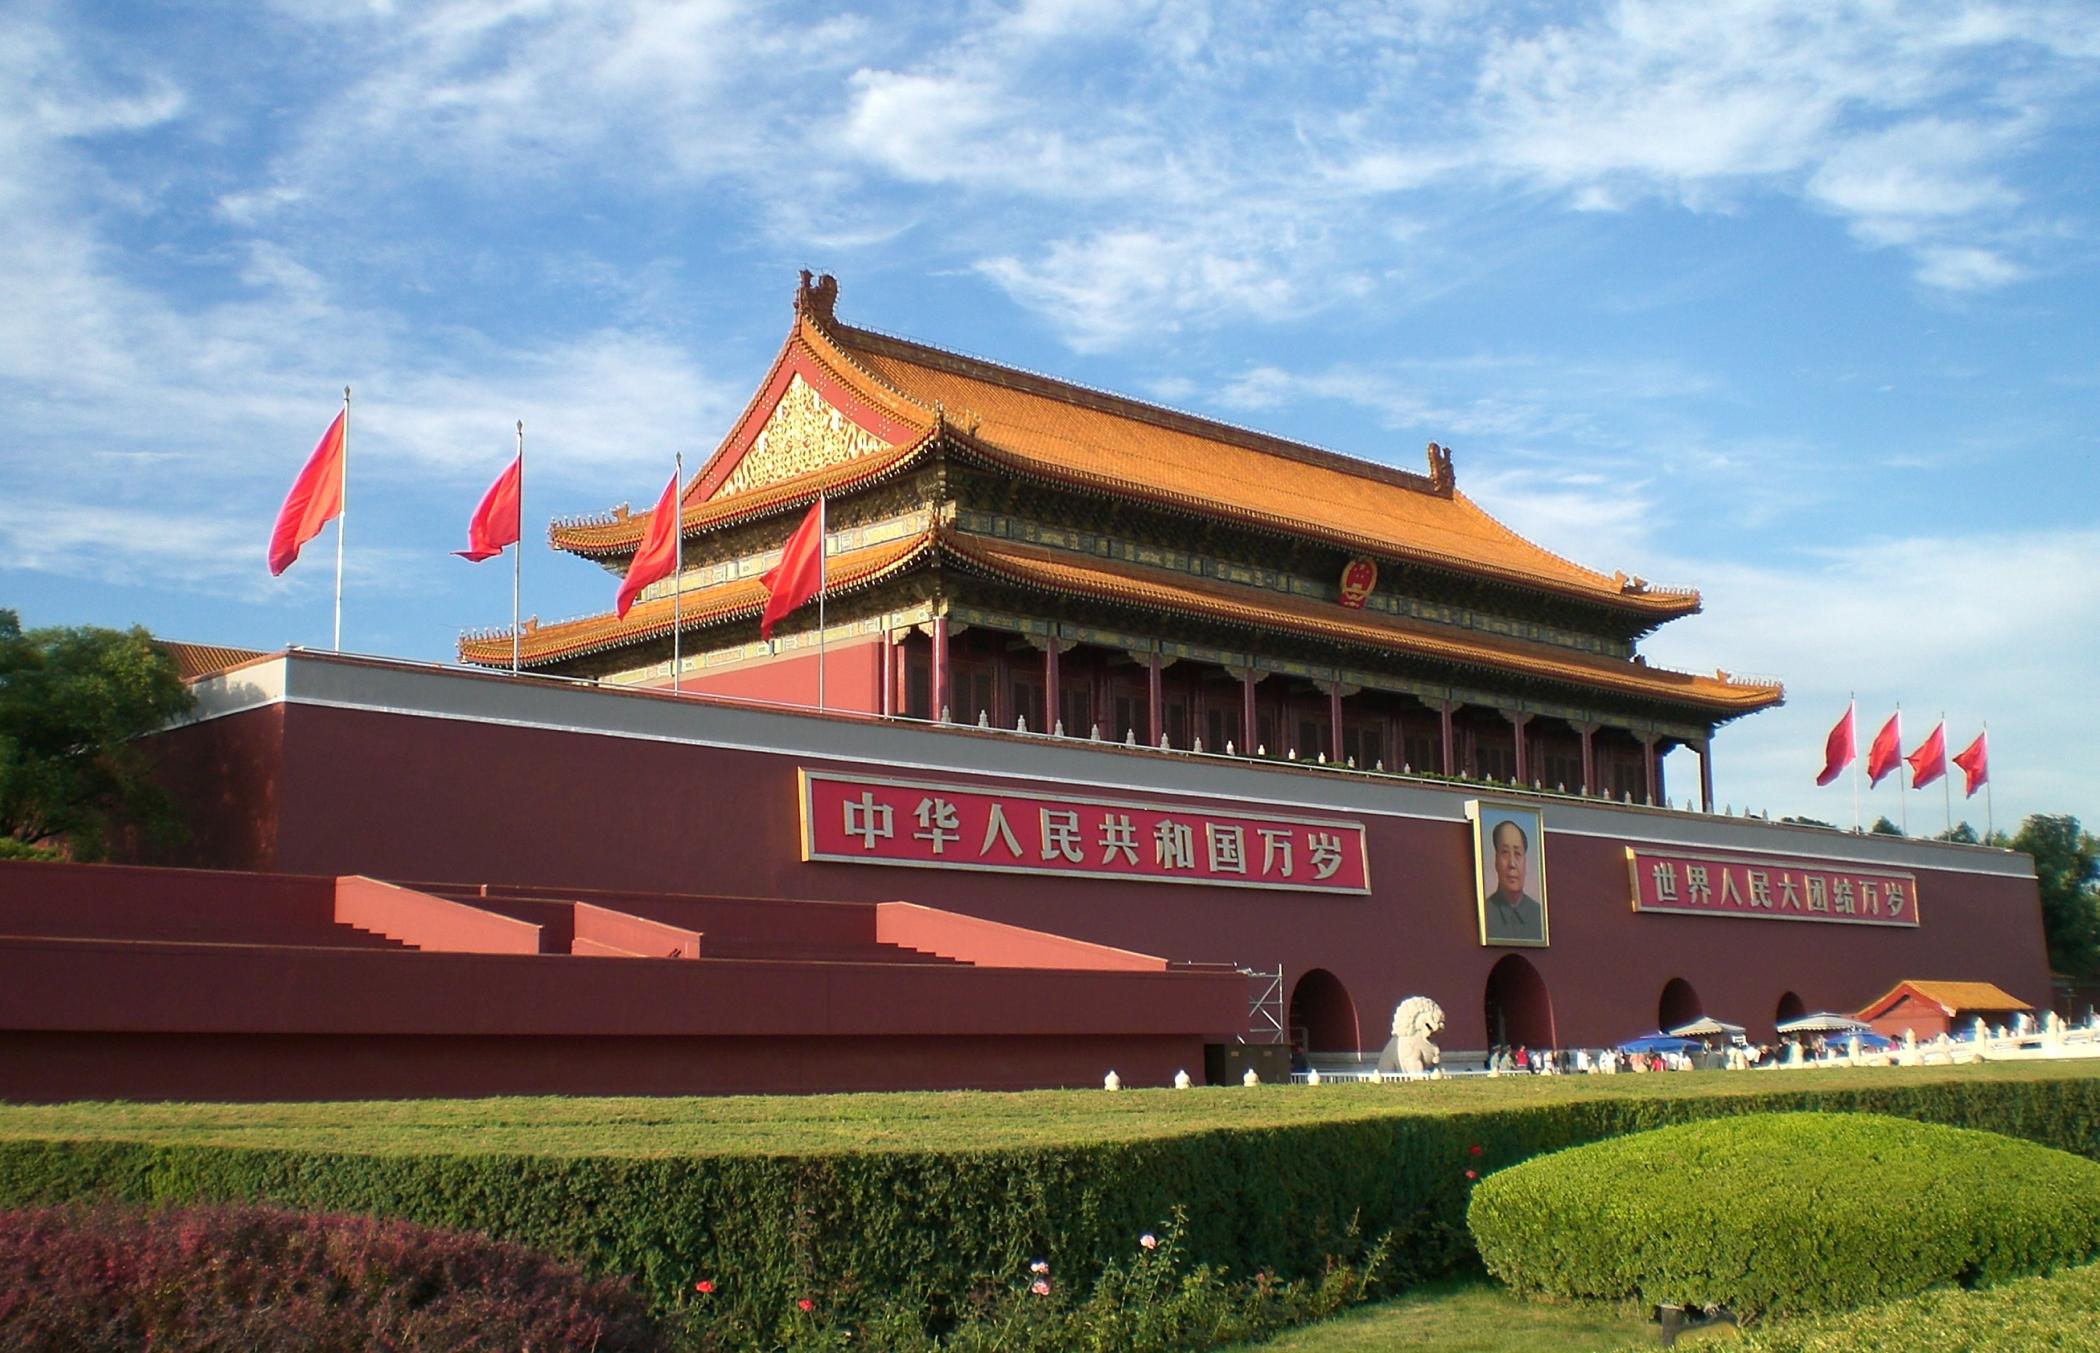 Die Verbotene Stadt in Peking ist eine der Unesco Welterbestätten